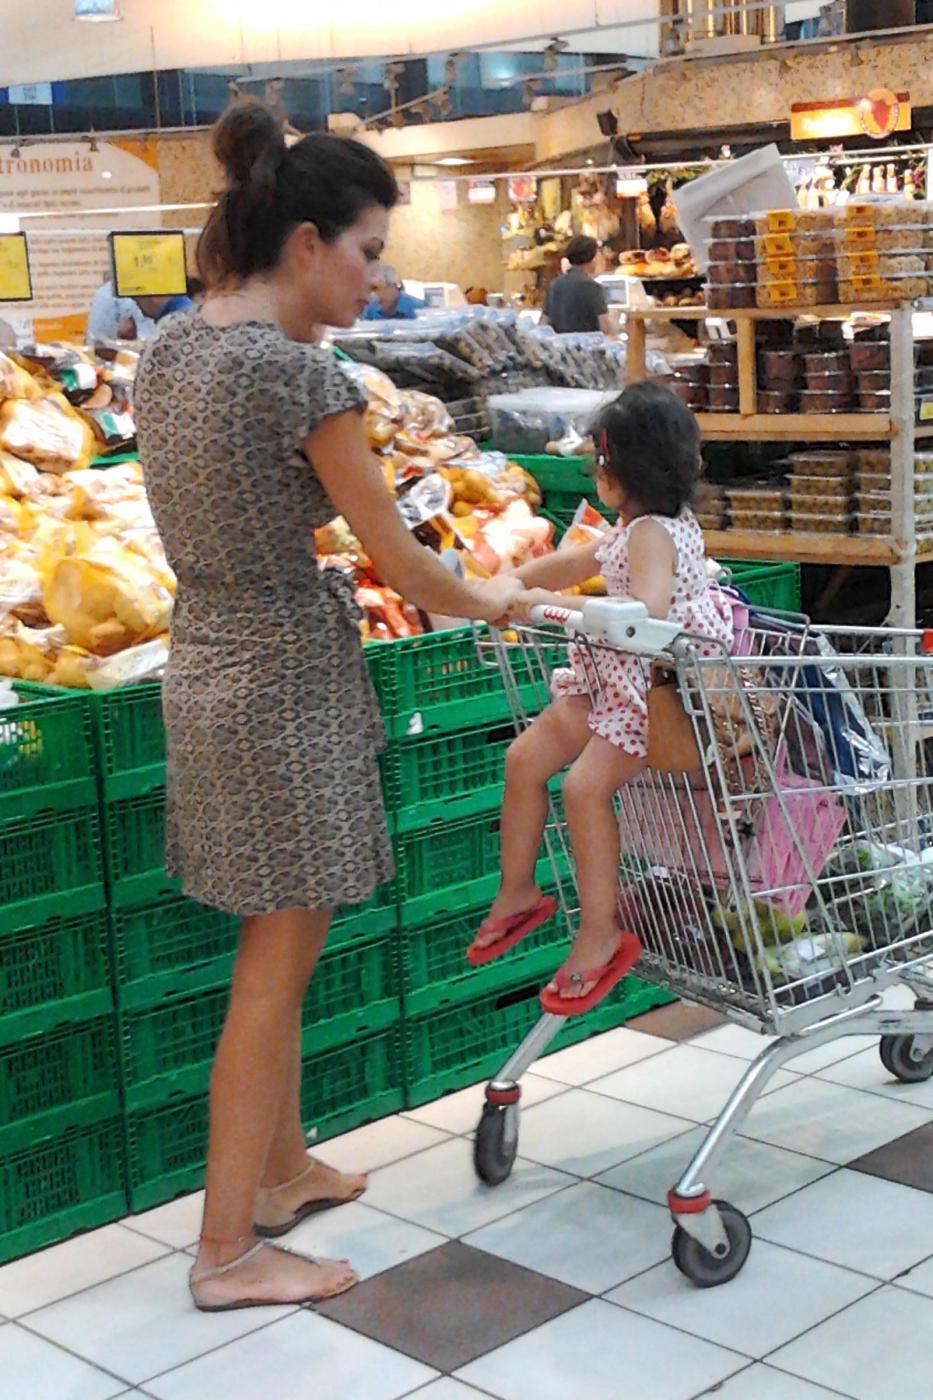 Laura Torrisi, la compagna di Pieraccioni mamma perfetta al supermercato02